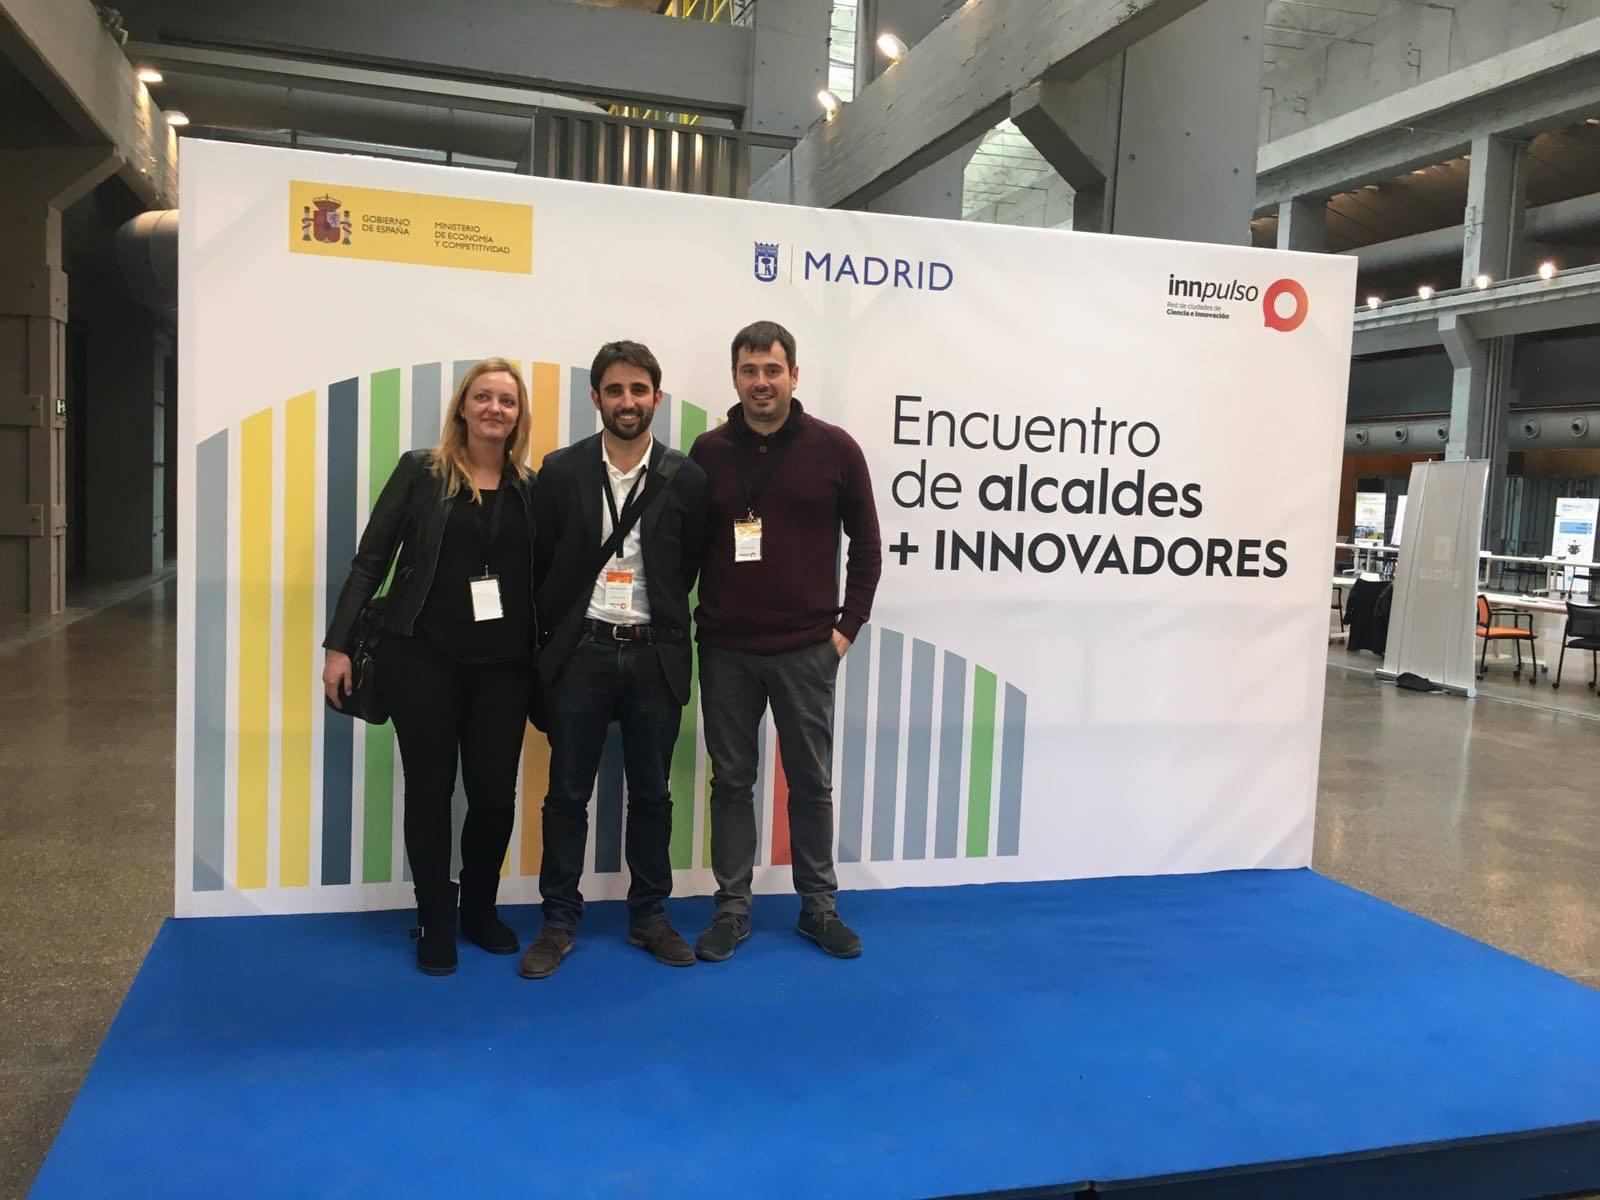 L'alcalde Carles Escolà, la regidora de Promoció Econòmica Contxi Haro i l'emprenedor Baltasar López